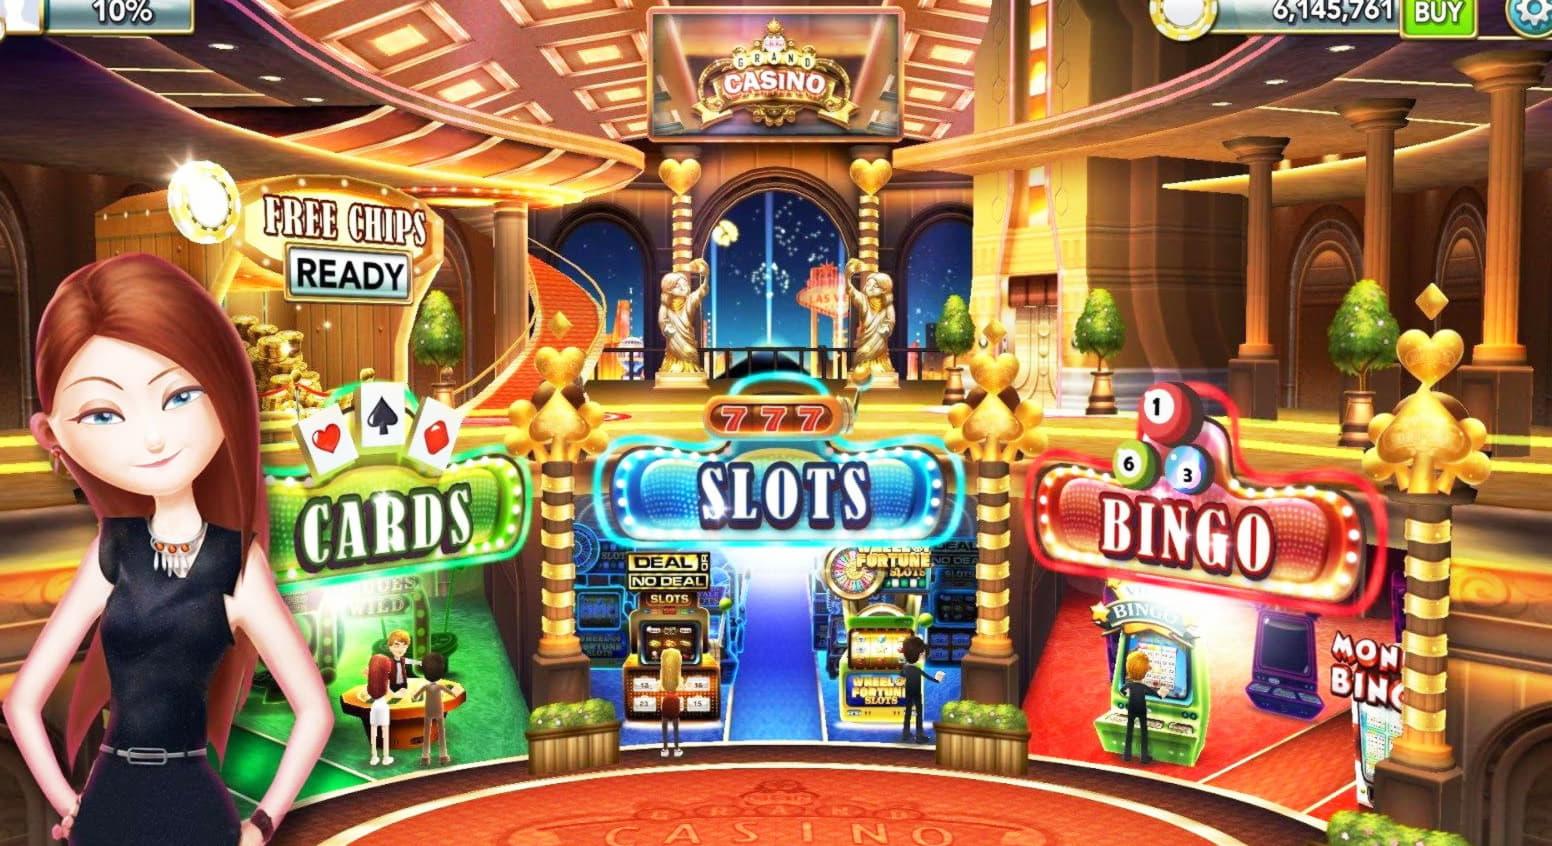 400 eurot tasuta kiip Joy Casinos